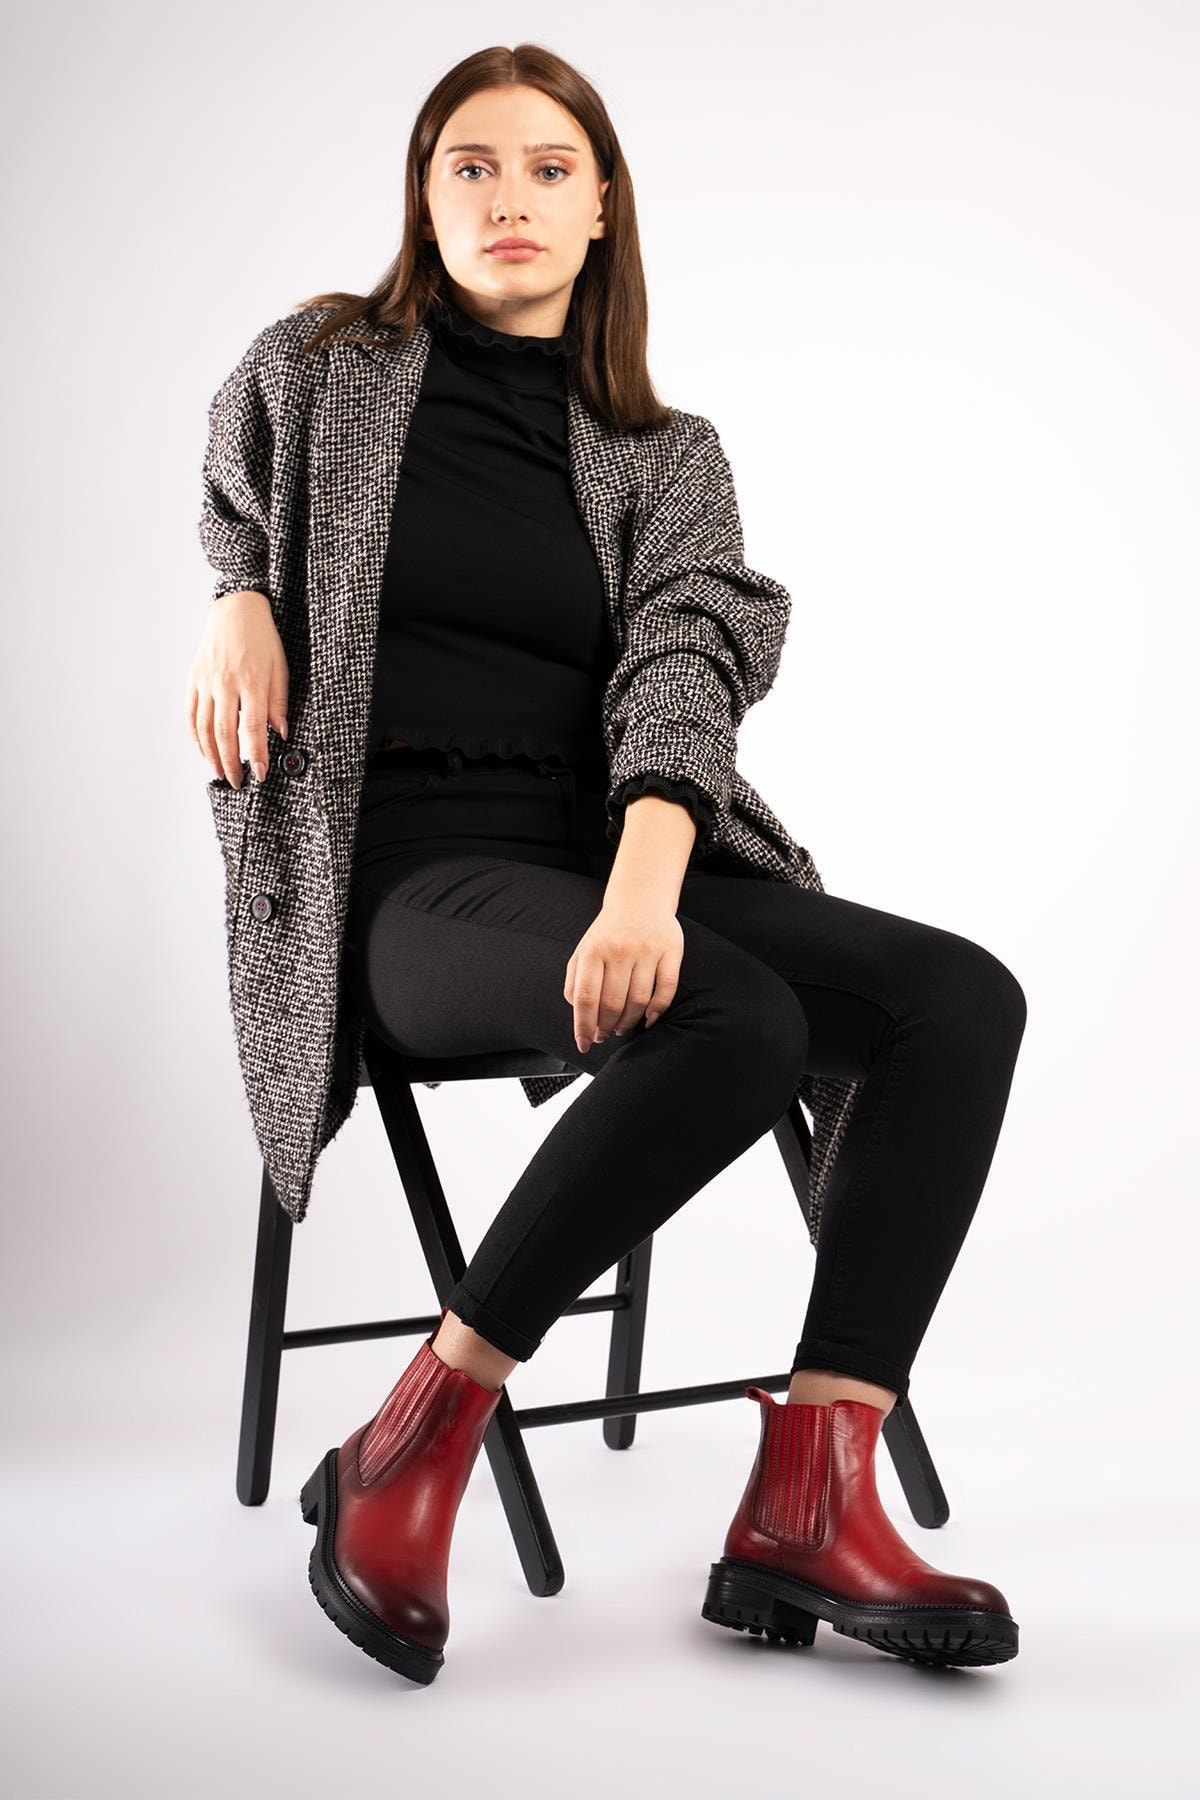 CZ London Kadın Kırmızı Hakiki Deri Yanı Lastikli Rahat Kauçuk Taban Chelsea Bot